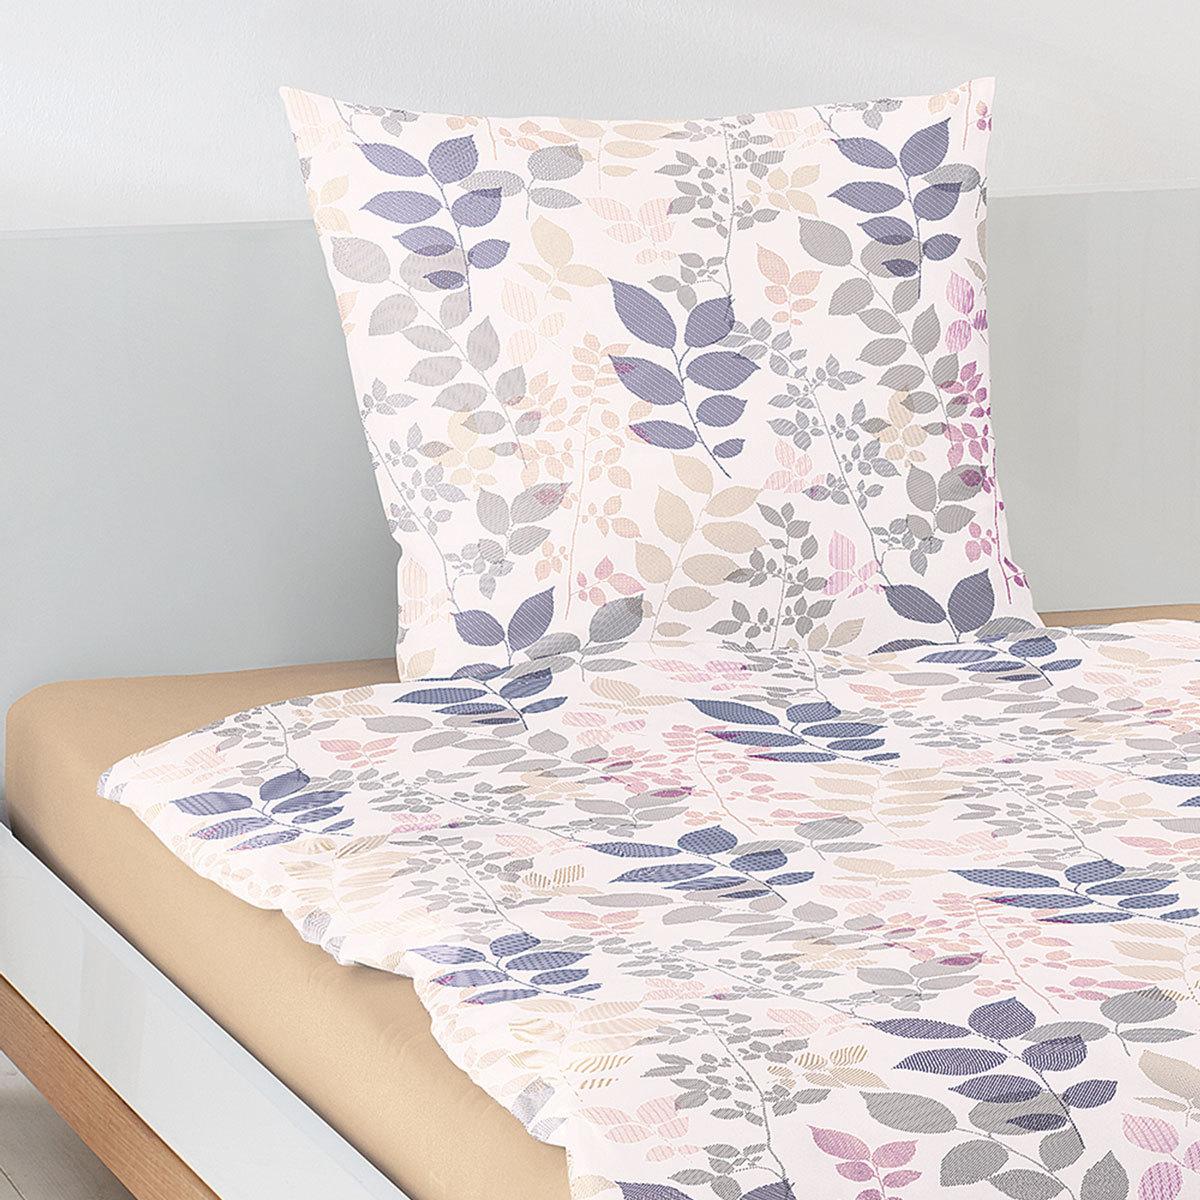 irisette jersey bettw sche luna 8053 80 g nstig online kaufen bei bettwaren shop. Black Bedroom Furniture Sets. Home Design Ideas